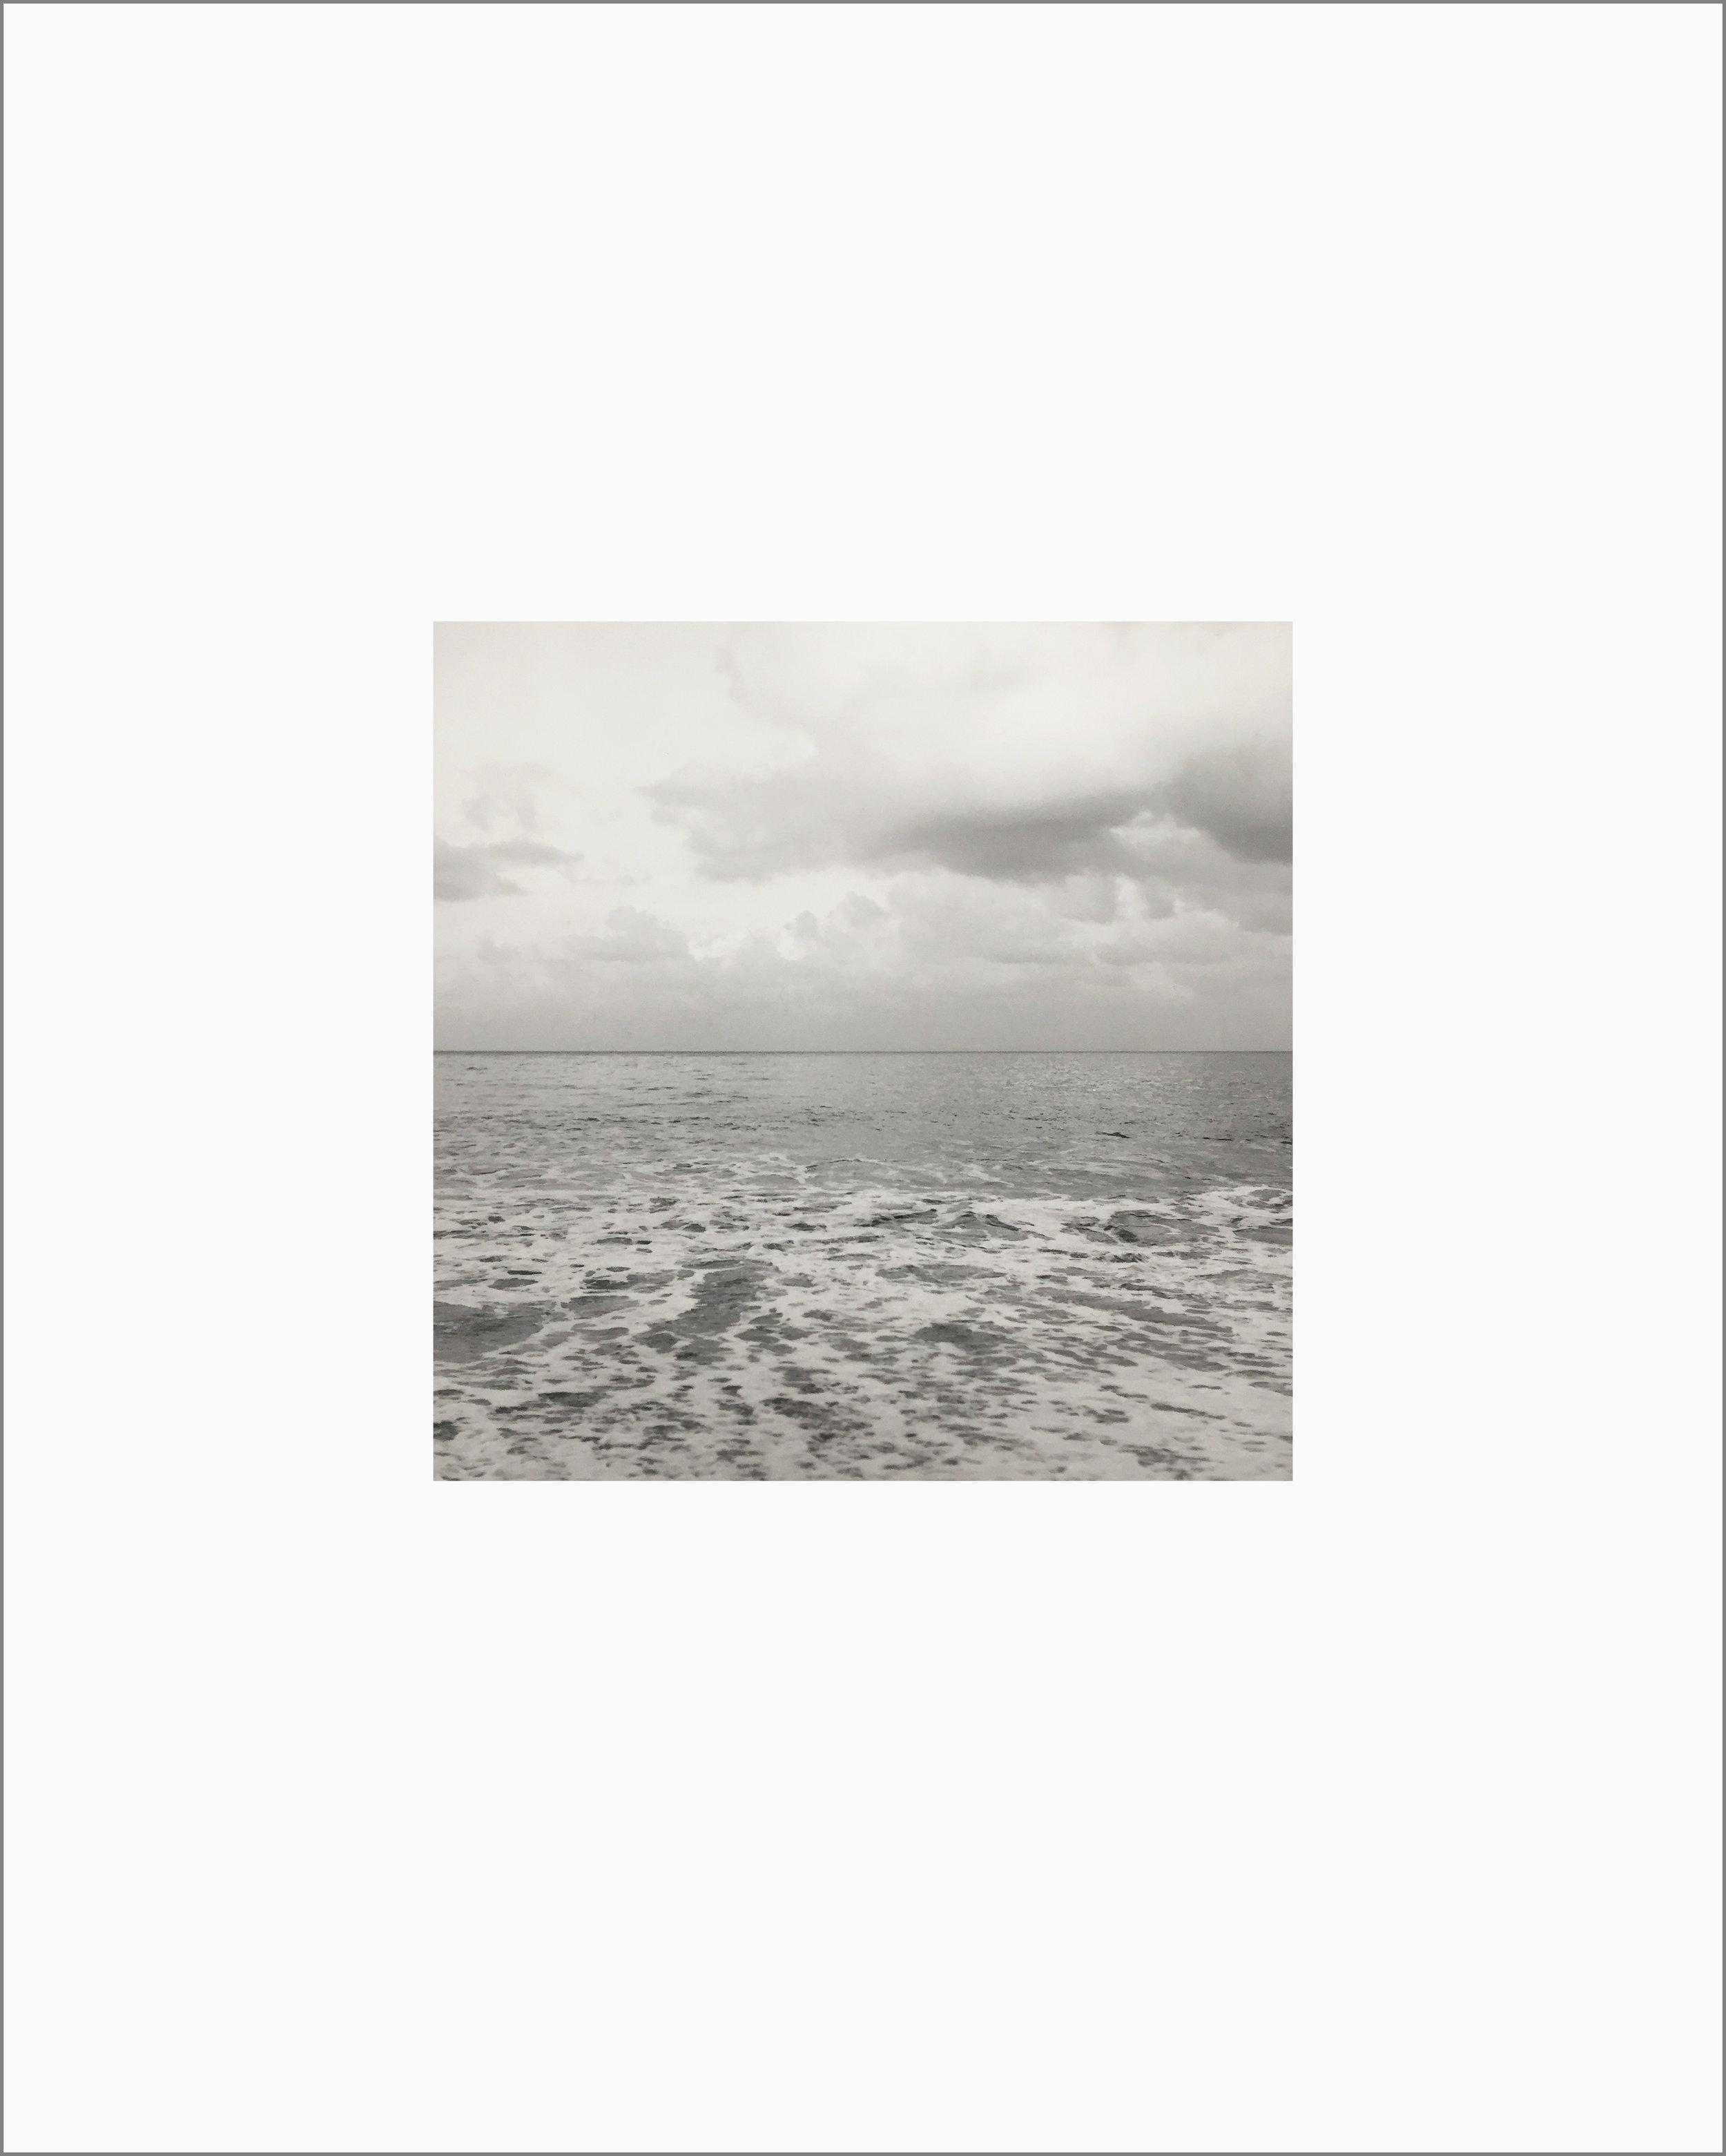 Mikael Levin, Untitled, 2001 Gelatin silver print. 20 5/8 x 16 6/8 x 1 3/8 inch (framed) Ed 1/5 (2001098)